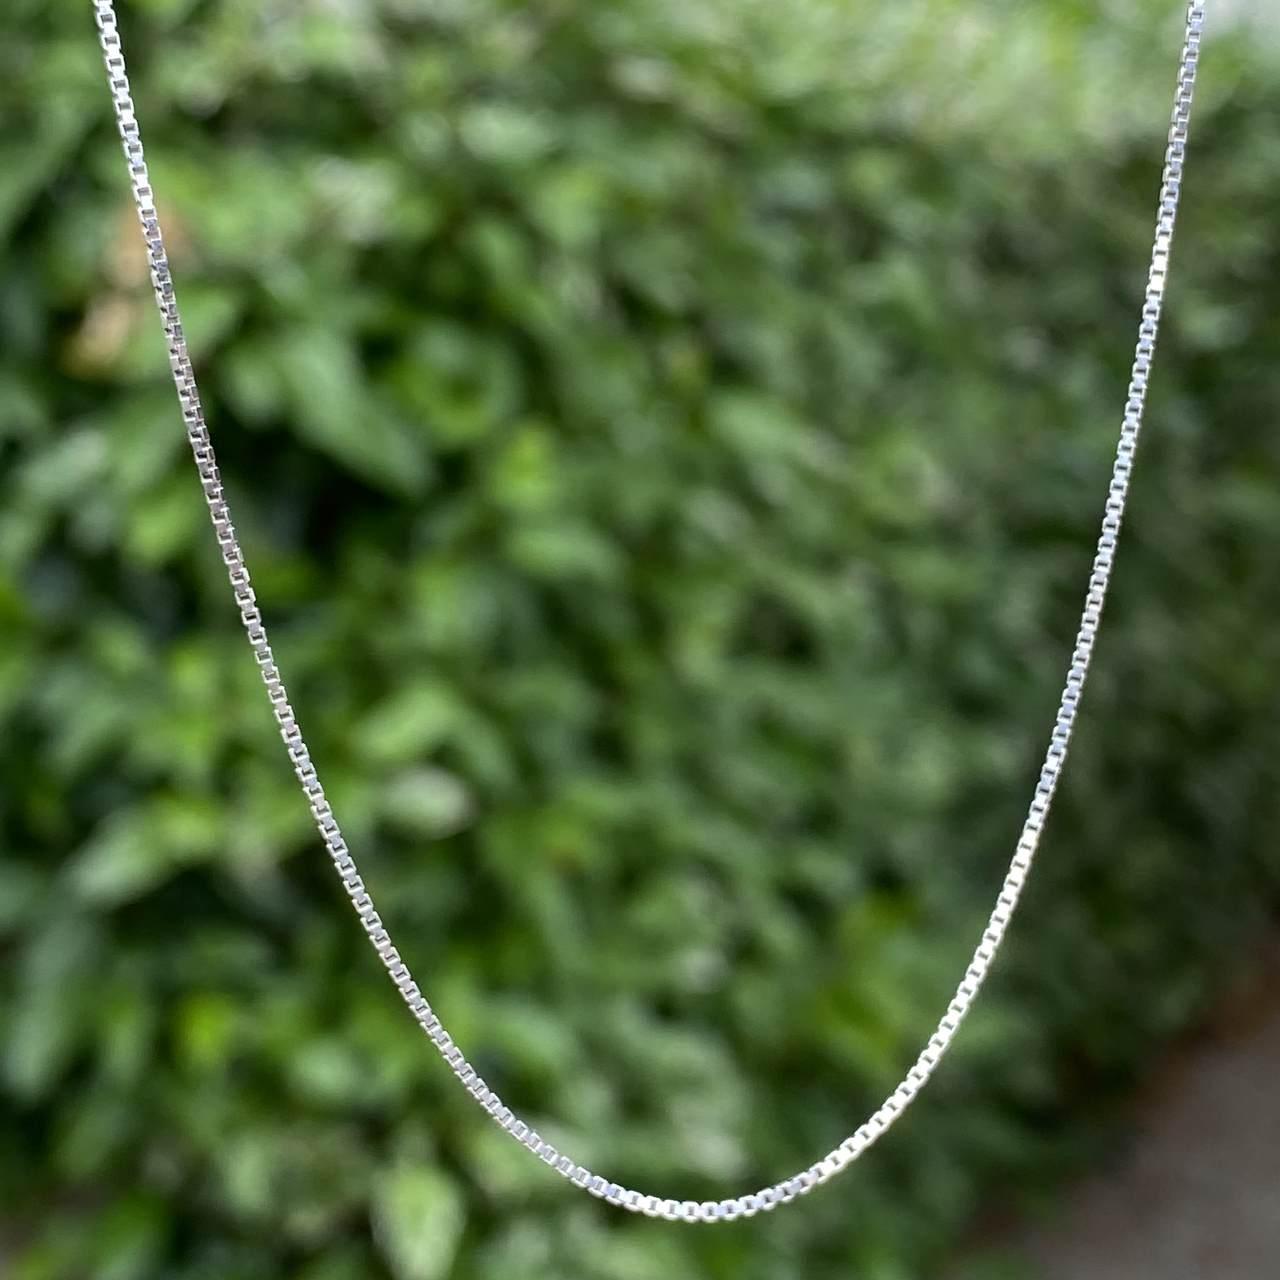 Corrente de Prata 925 Veneziana Rodinada Envelhecida 50 cm